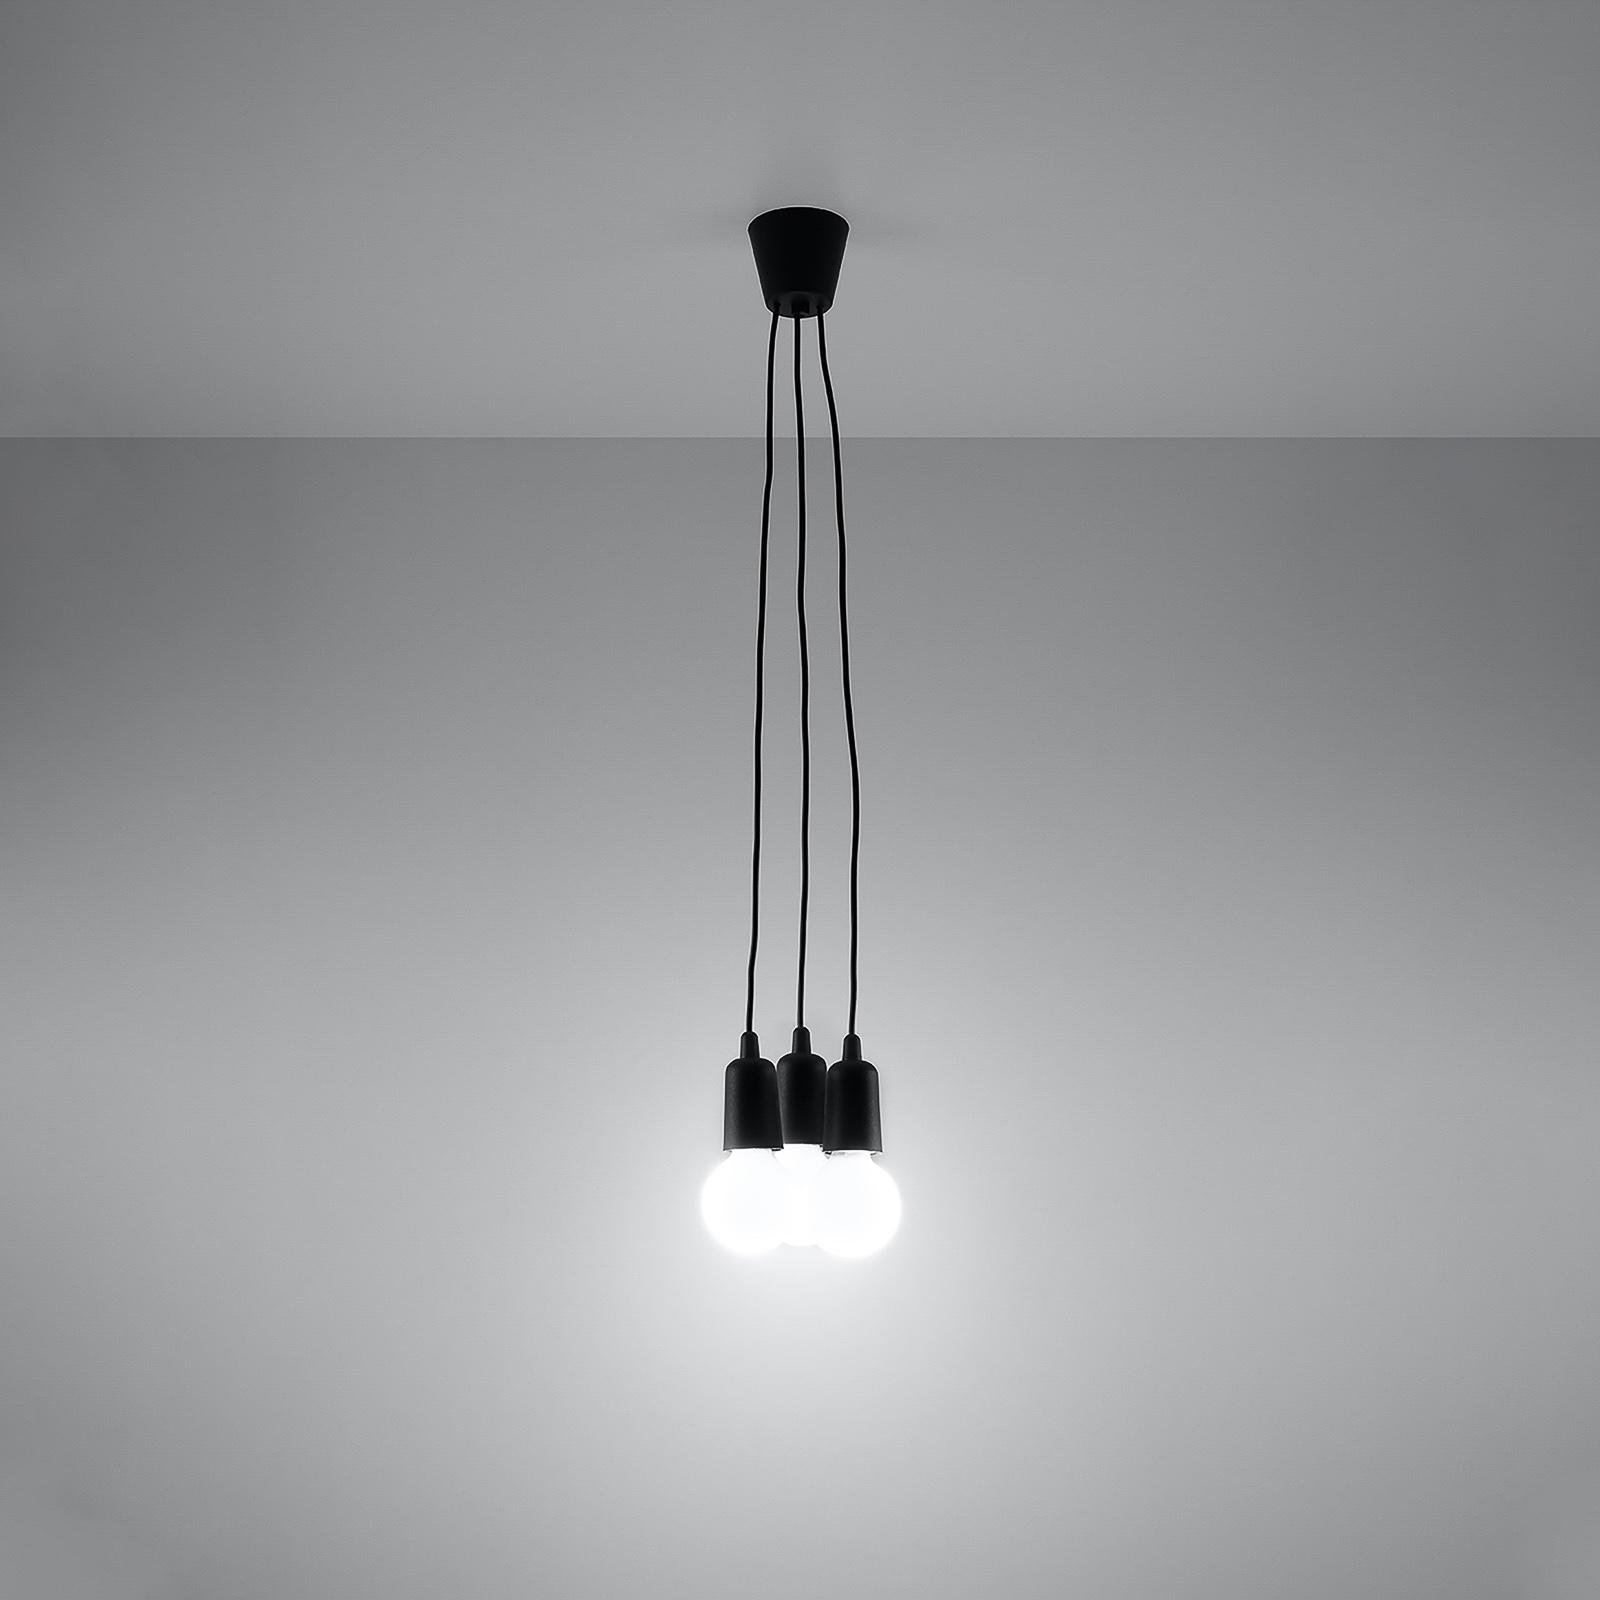 Lampa wisząca Brasil, czarna, 3-punktowa